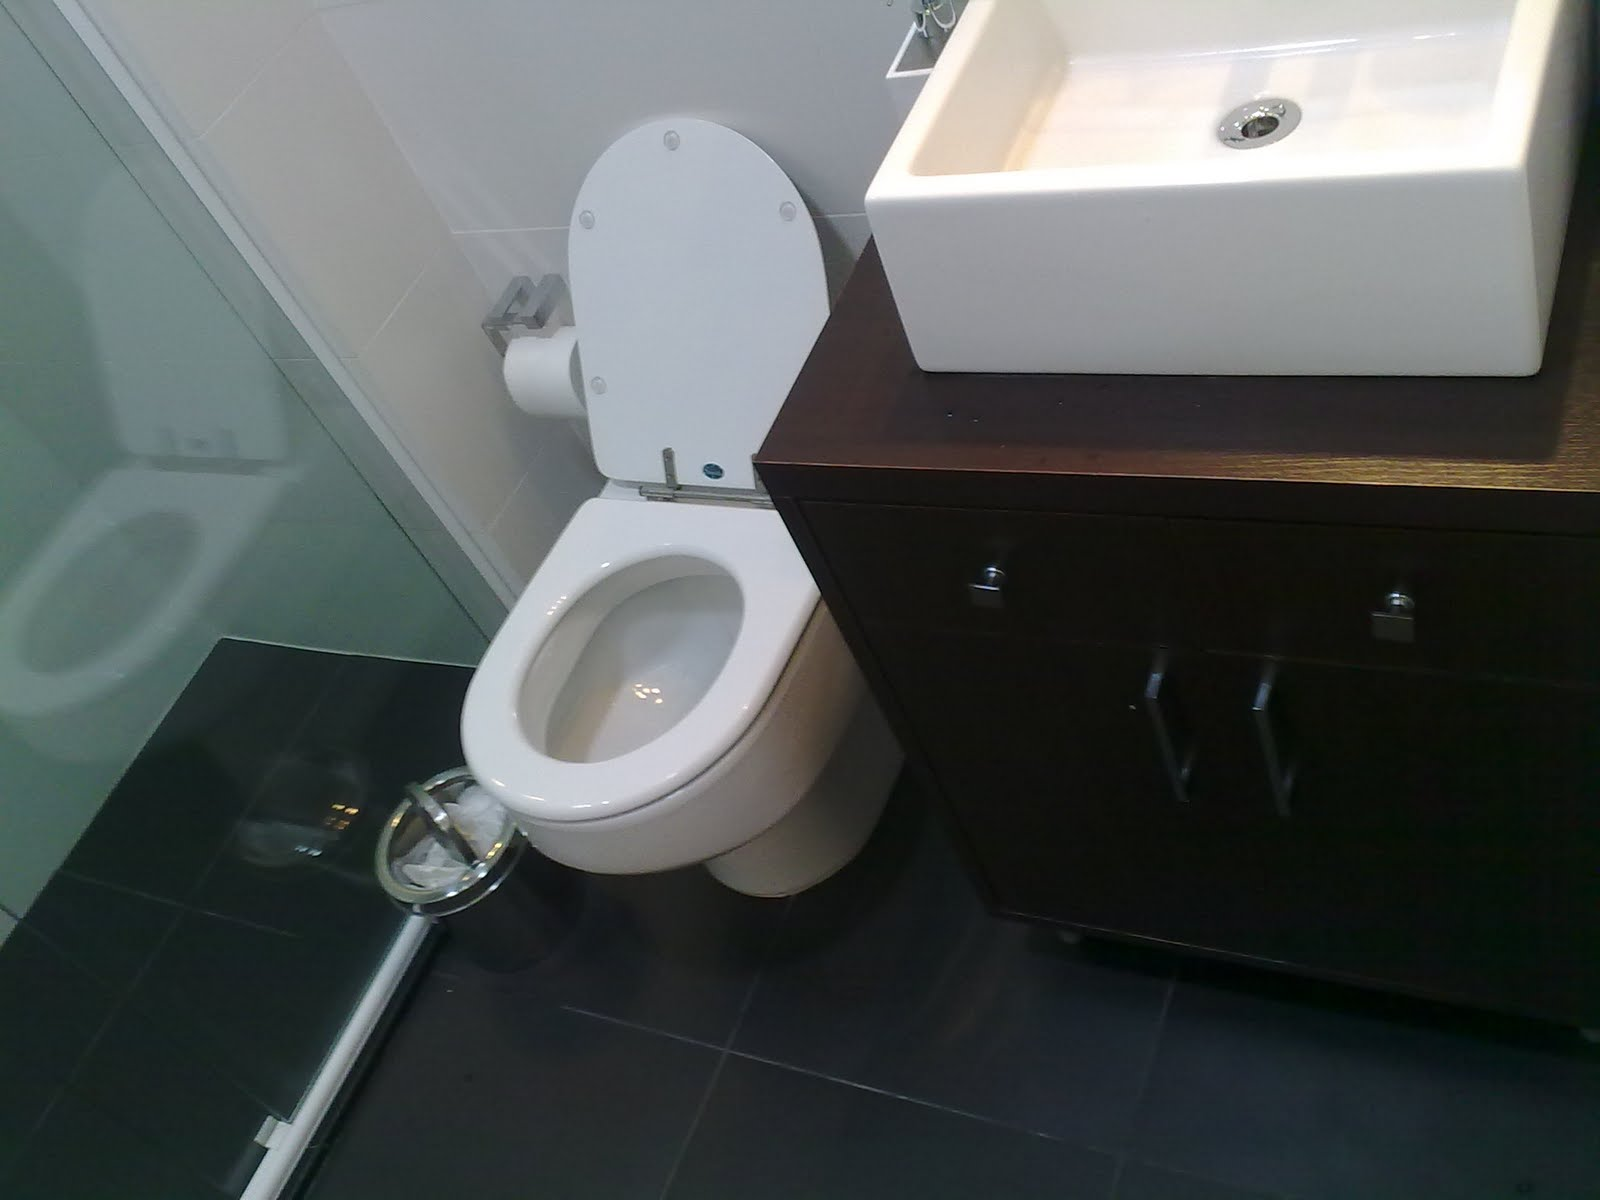 decoracao banheiro preto e branco:Banheiros em branco e preto #705F45 1600x1200 Azulejos Para Banheiro Branco E Preto